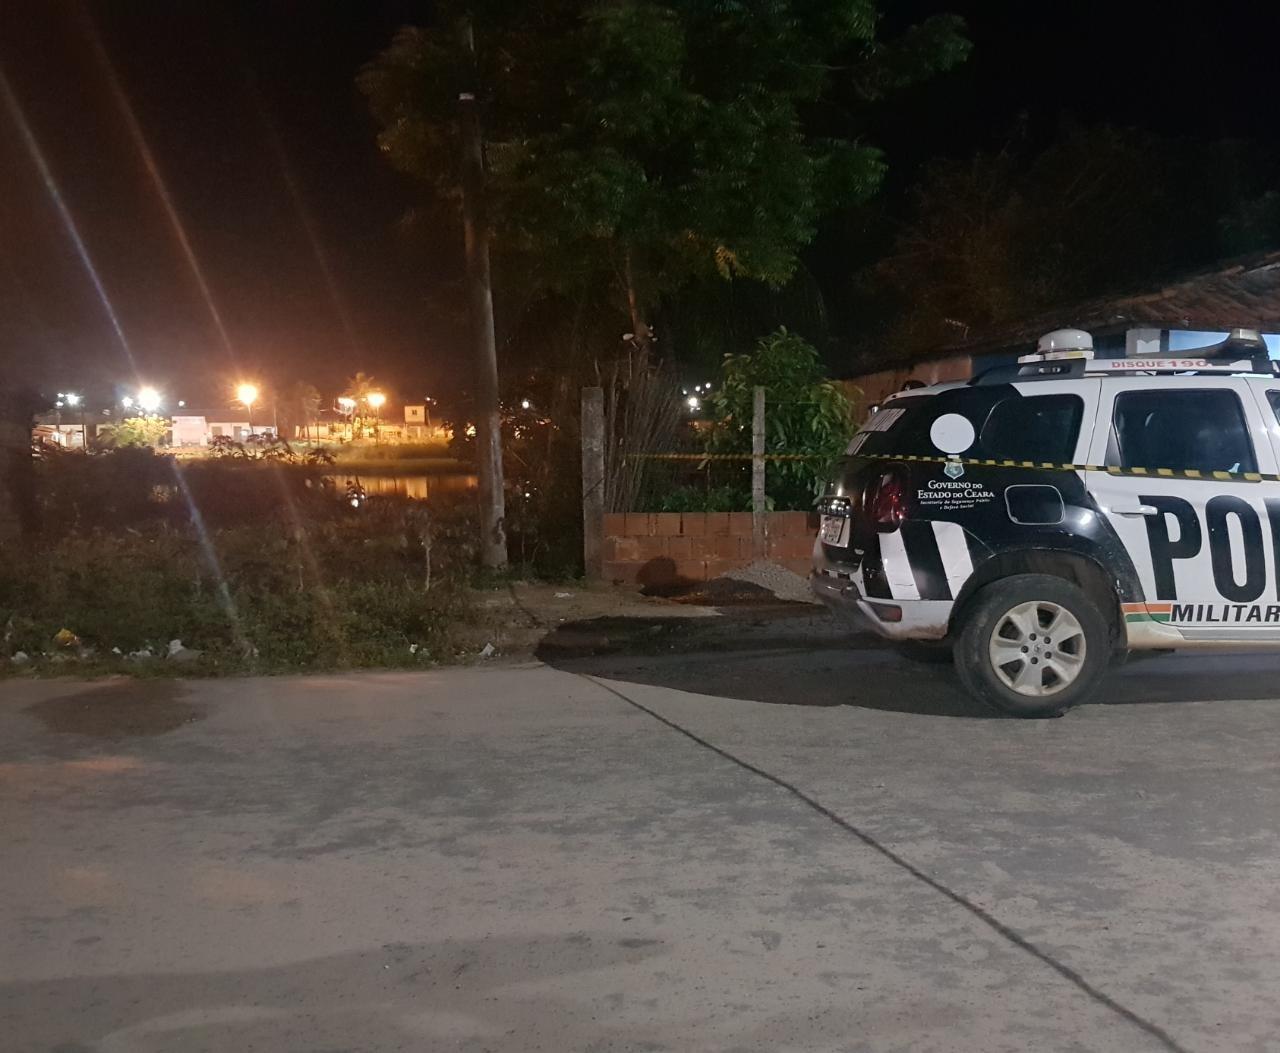 Jovem de 19 anos é morto a tiros quando caminhava em rua na Grande Fortaleza